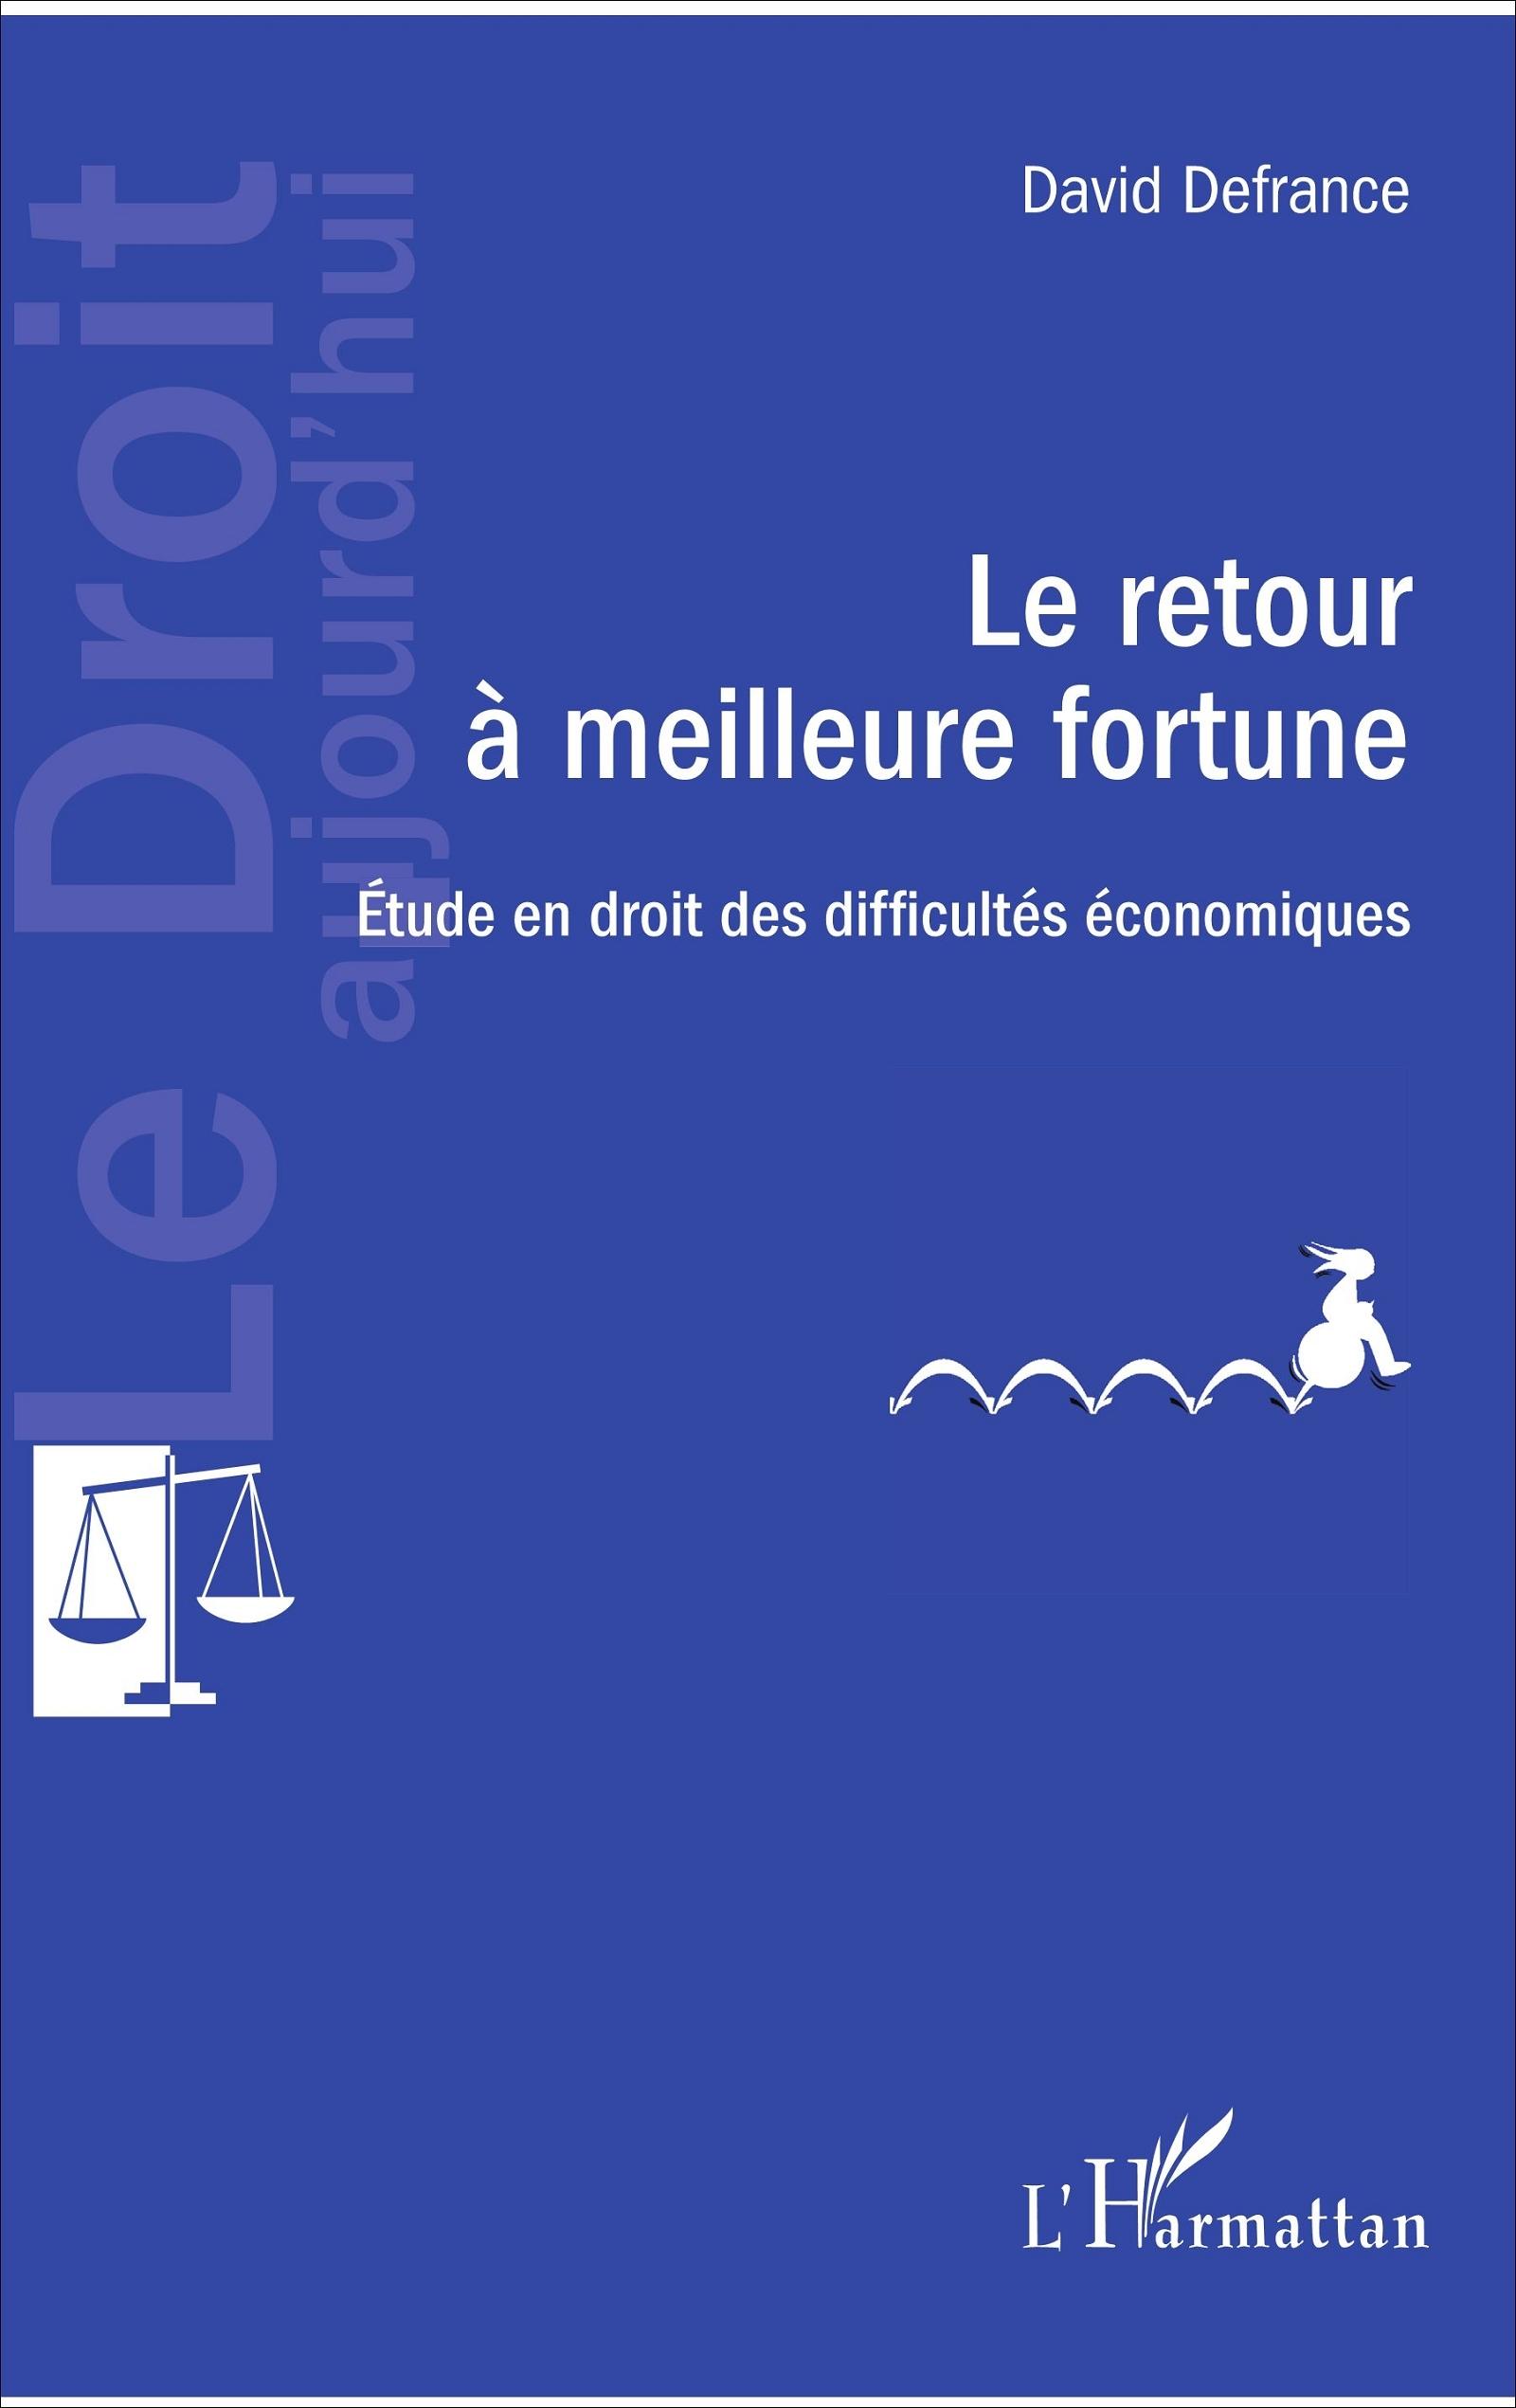 RETOUR A MEILLEURE FORTUNE (LE) ETUDE EN DROIT DES DIFFICULTES ECONOMIQUES